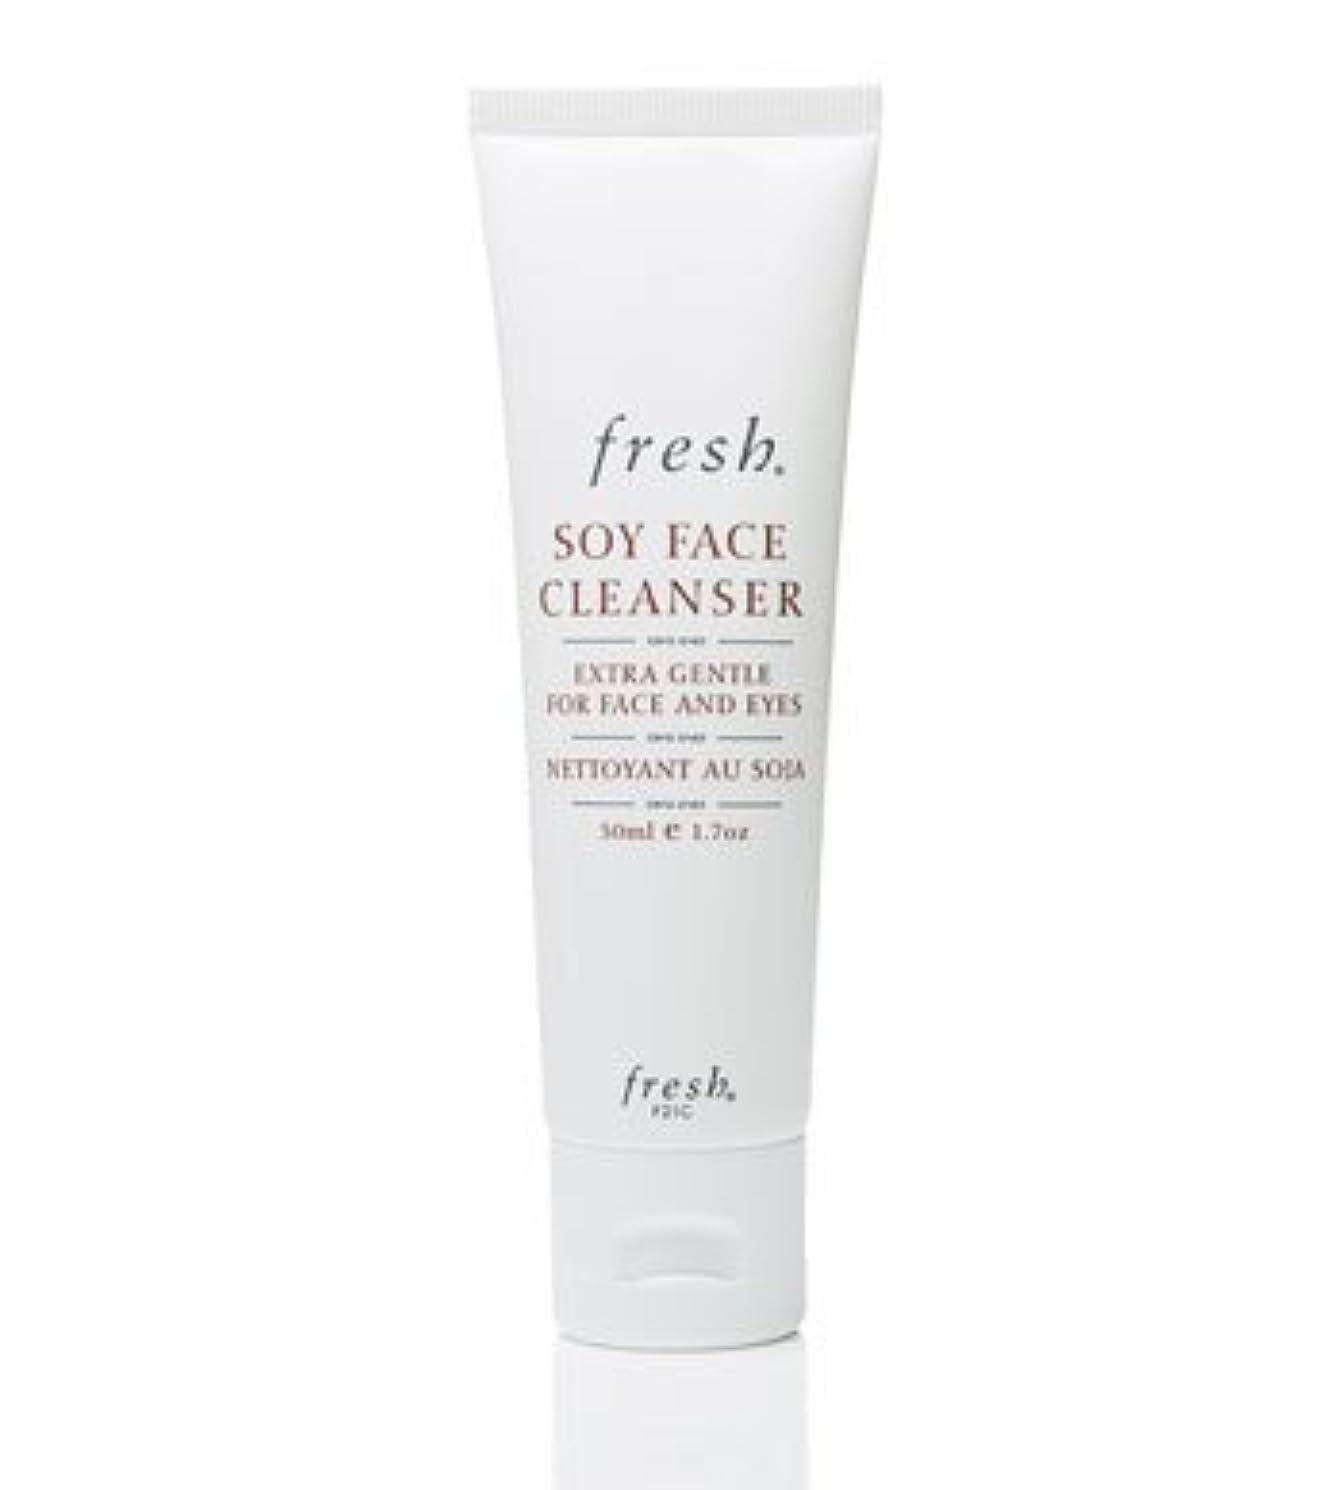 はず鬼ごっこ長くするFresh SOY FACE CLEANSER (フレッシュ ソイ フェイスクレンザー) 1.7 oz (50ml) by Fresh for Women